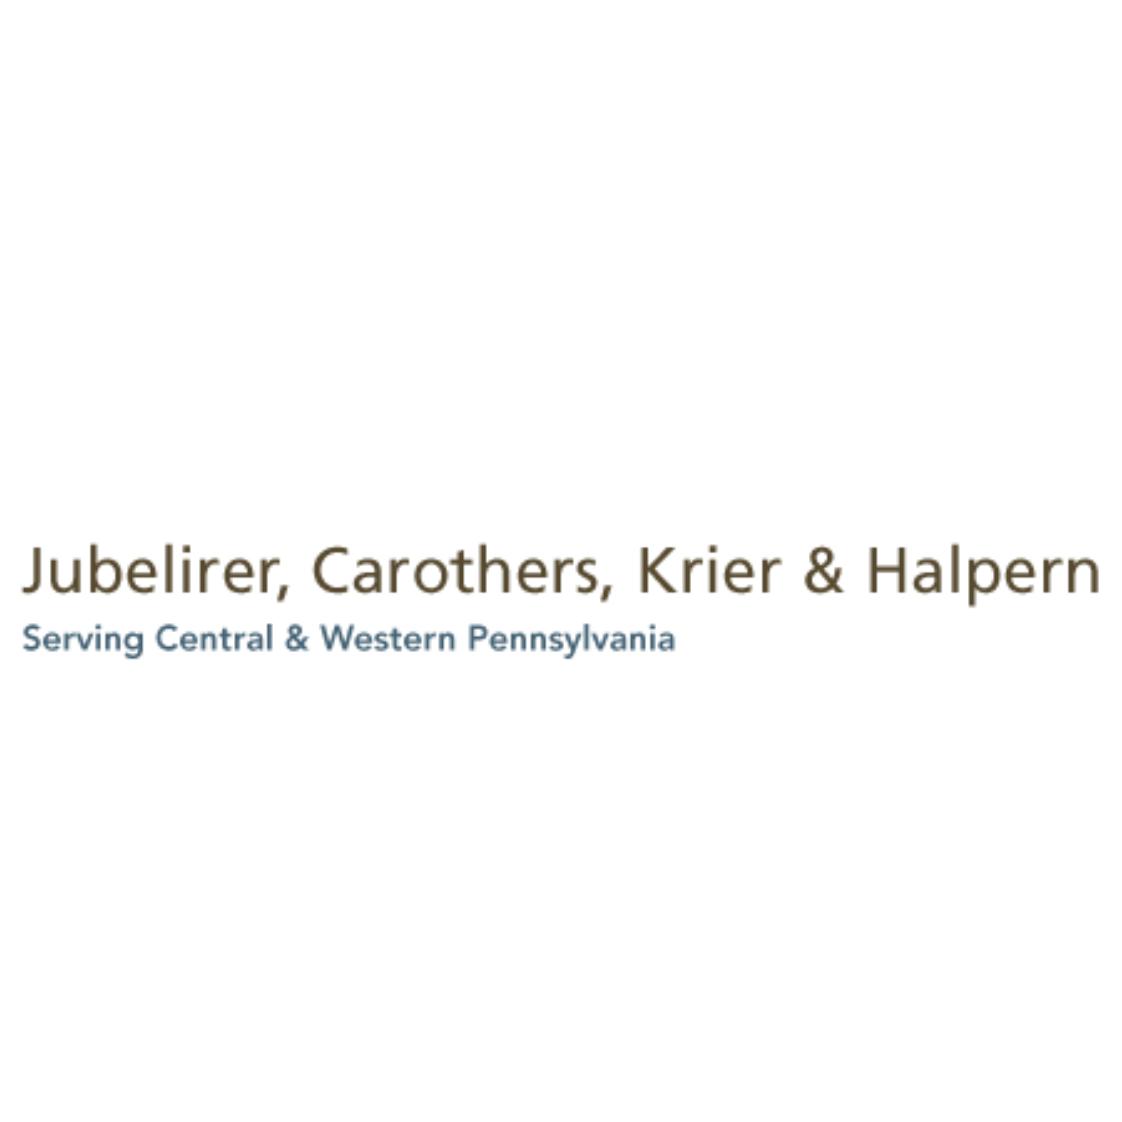 Jubelirer Carothers Krier & Halpern image 0